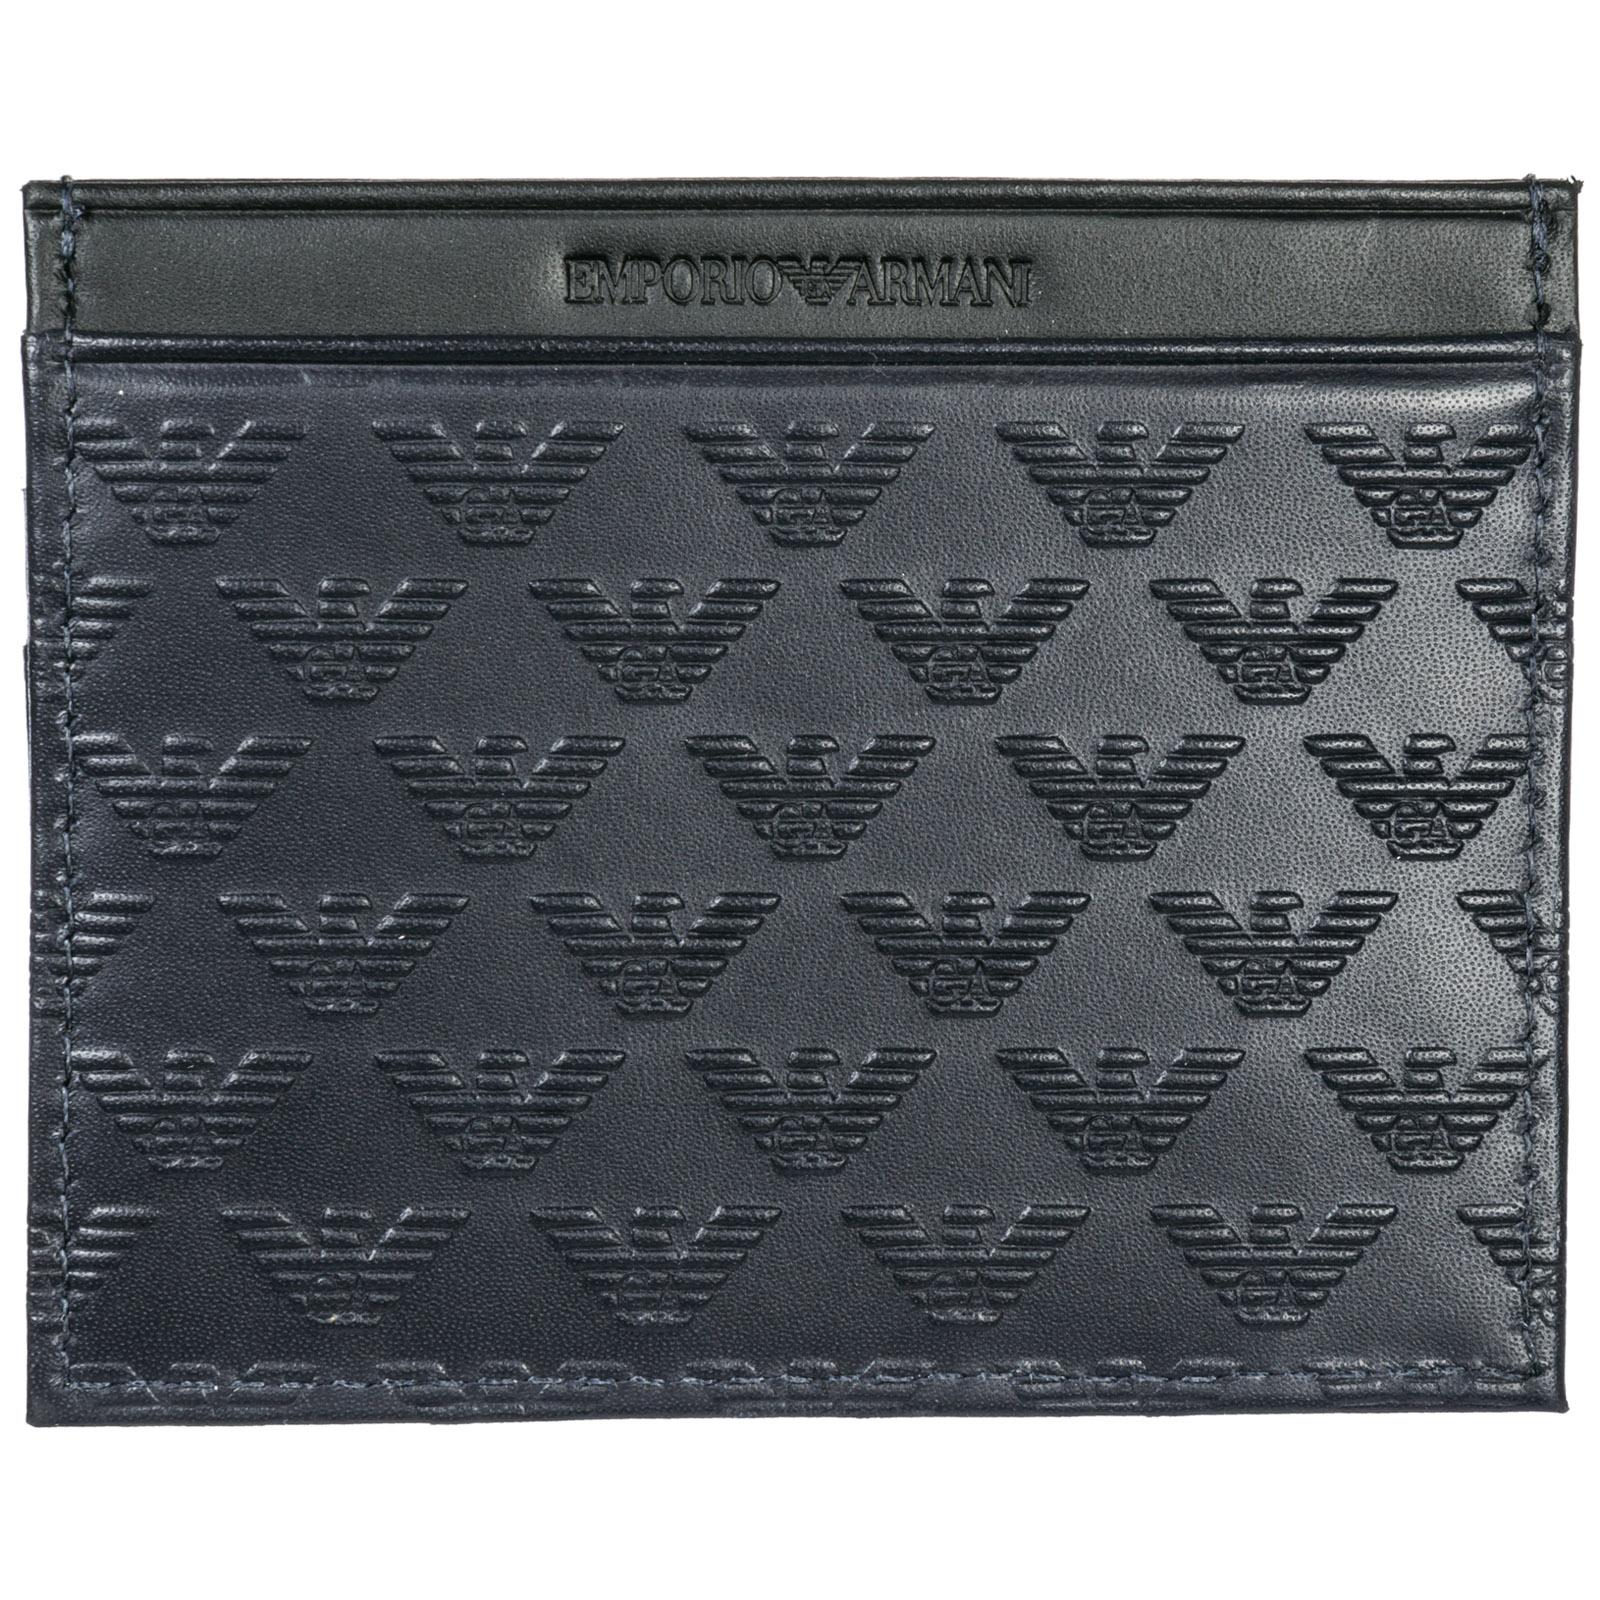 4ecb9c2356 Porta carte di credito Emporio Armani YEM320YMD6T83194 navy / black ...